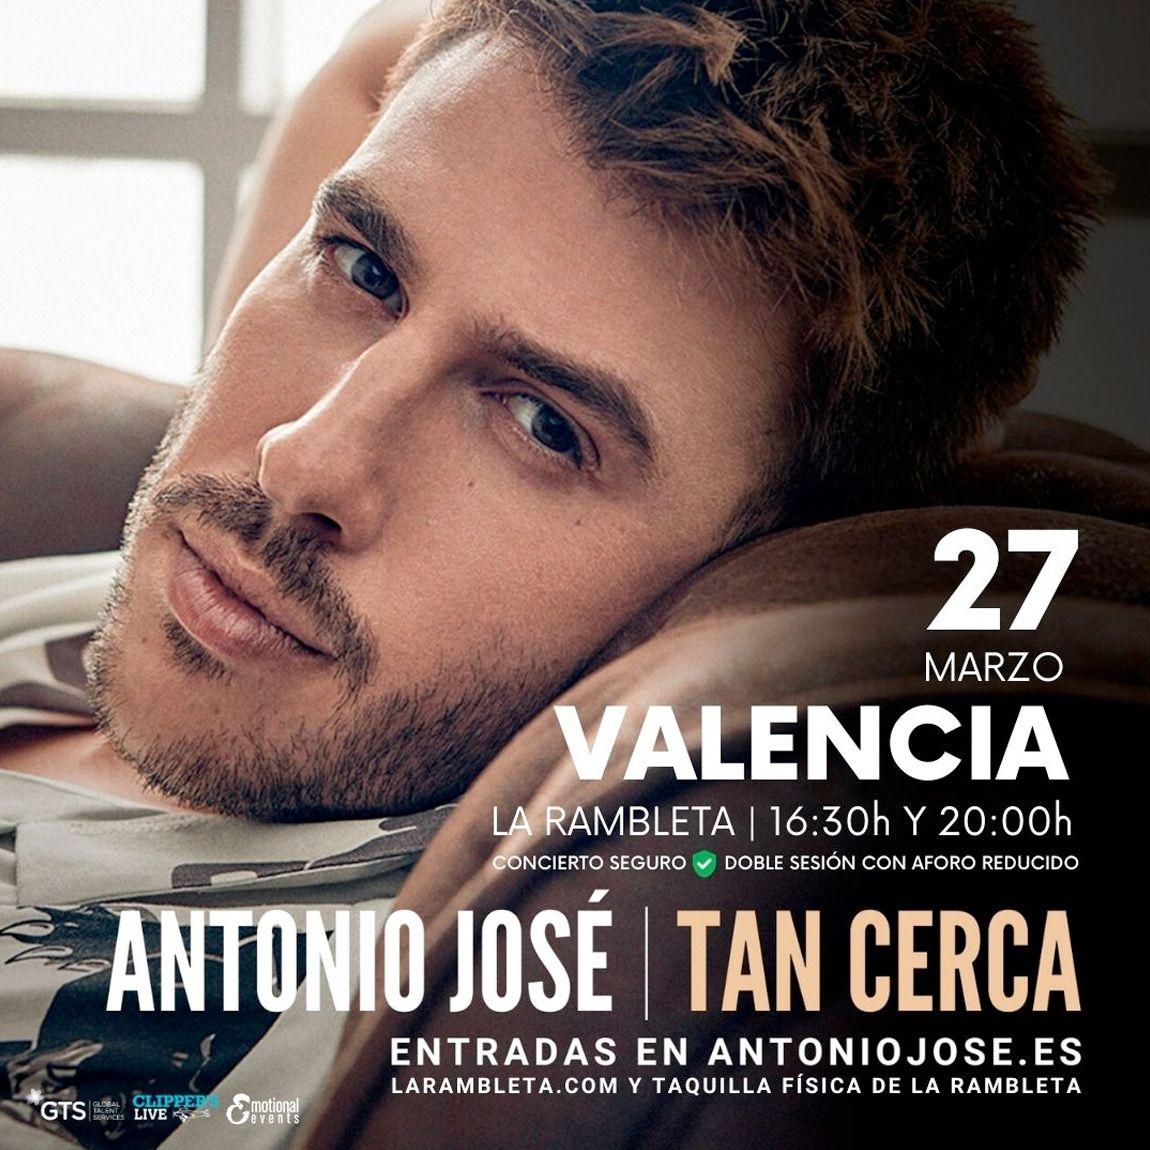 Antonio Jose Valencia